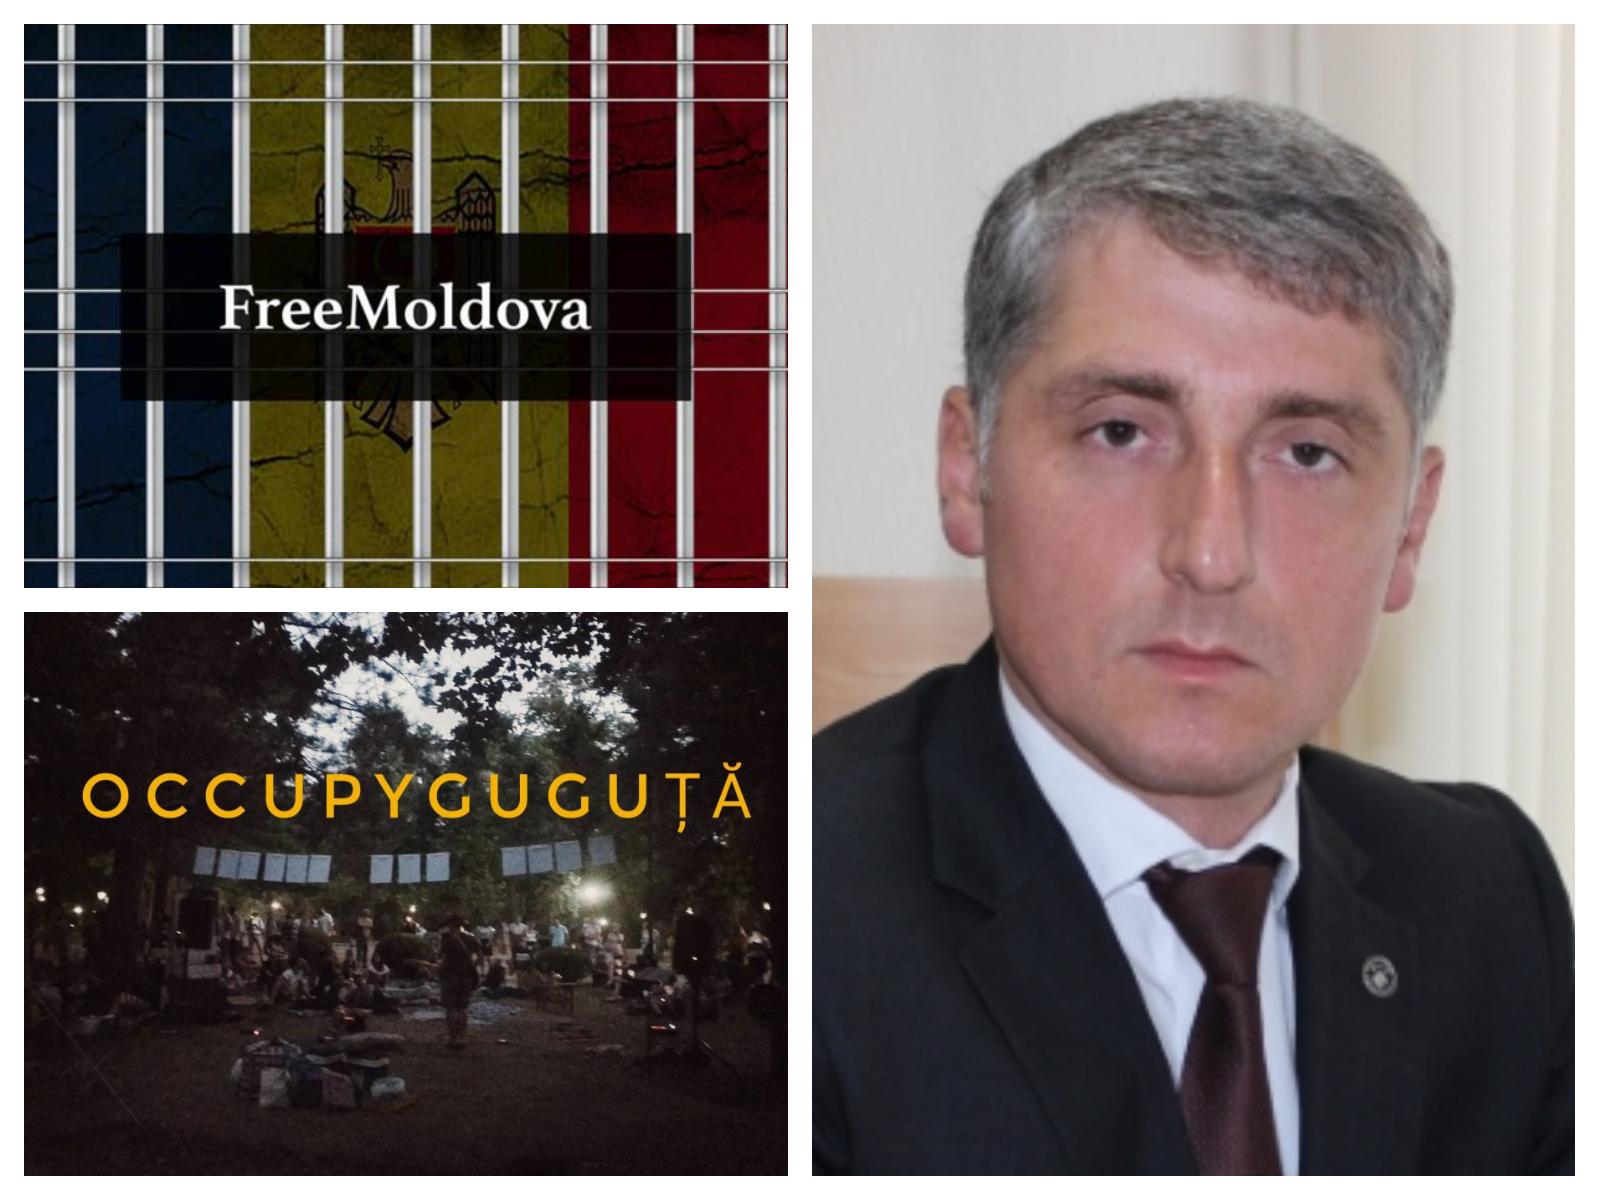 Societatea civilă cere demisia Procurorului General Eduard Harunjen